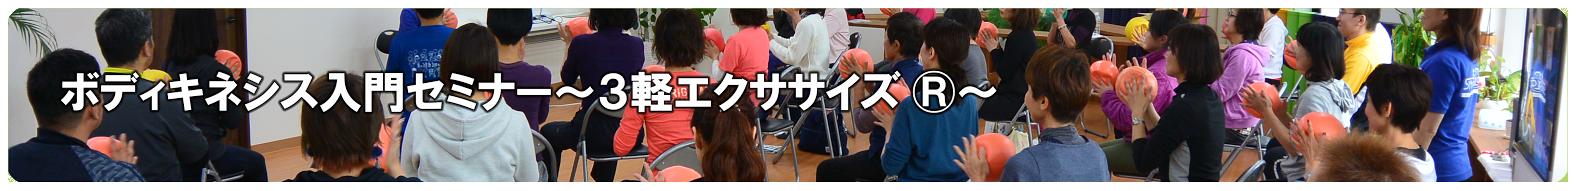 ボディキネシス(機能改善体操)入門セミナー~3軽エクササイズ®~